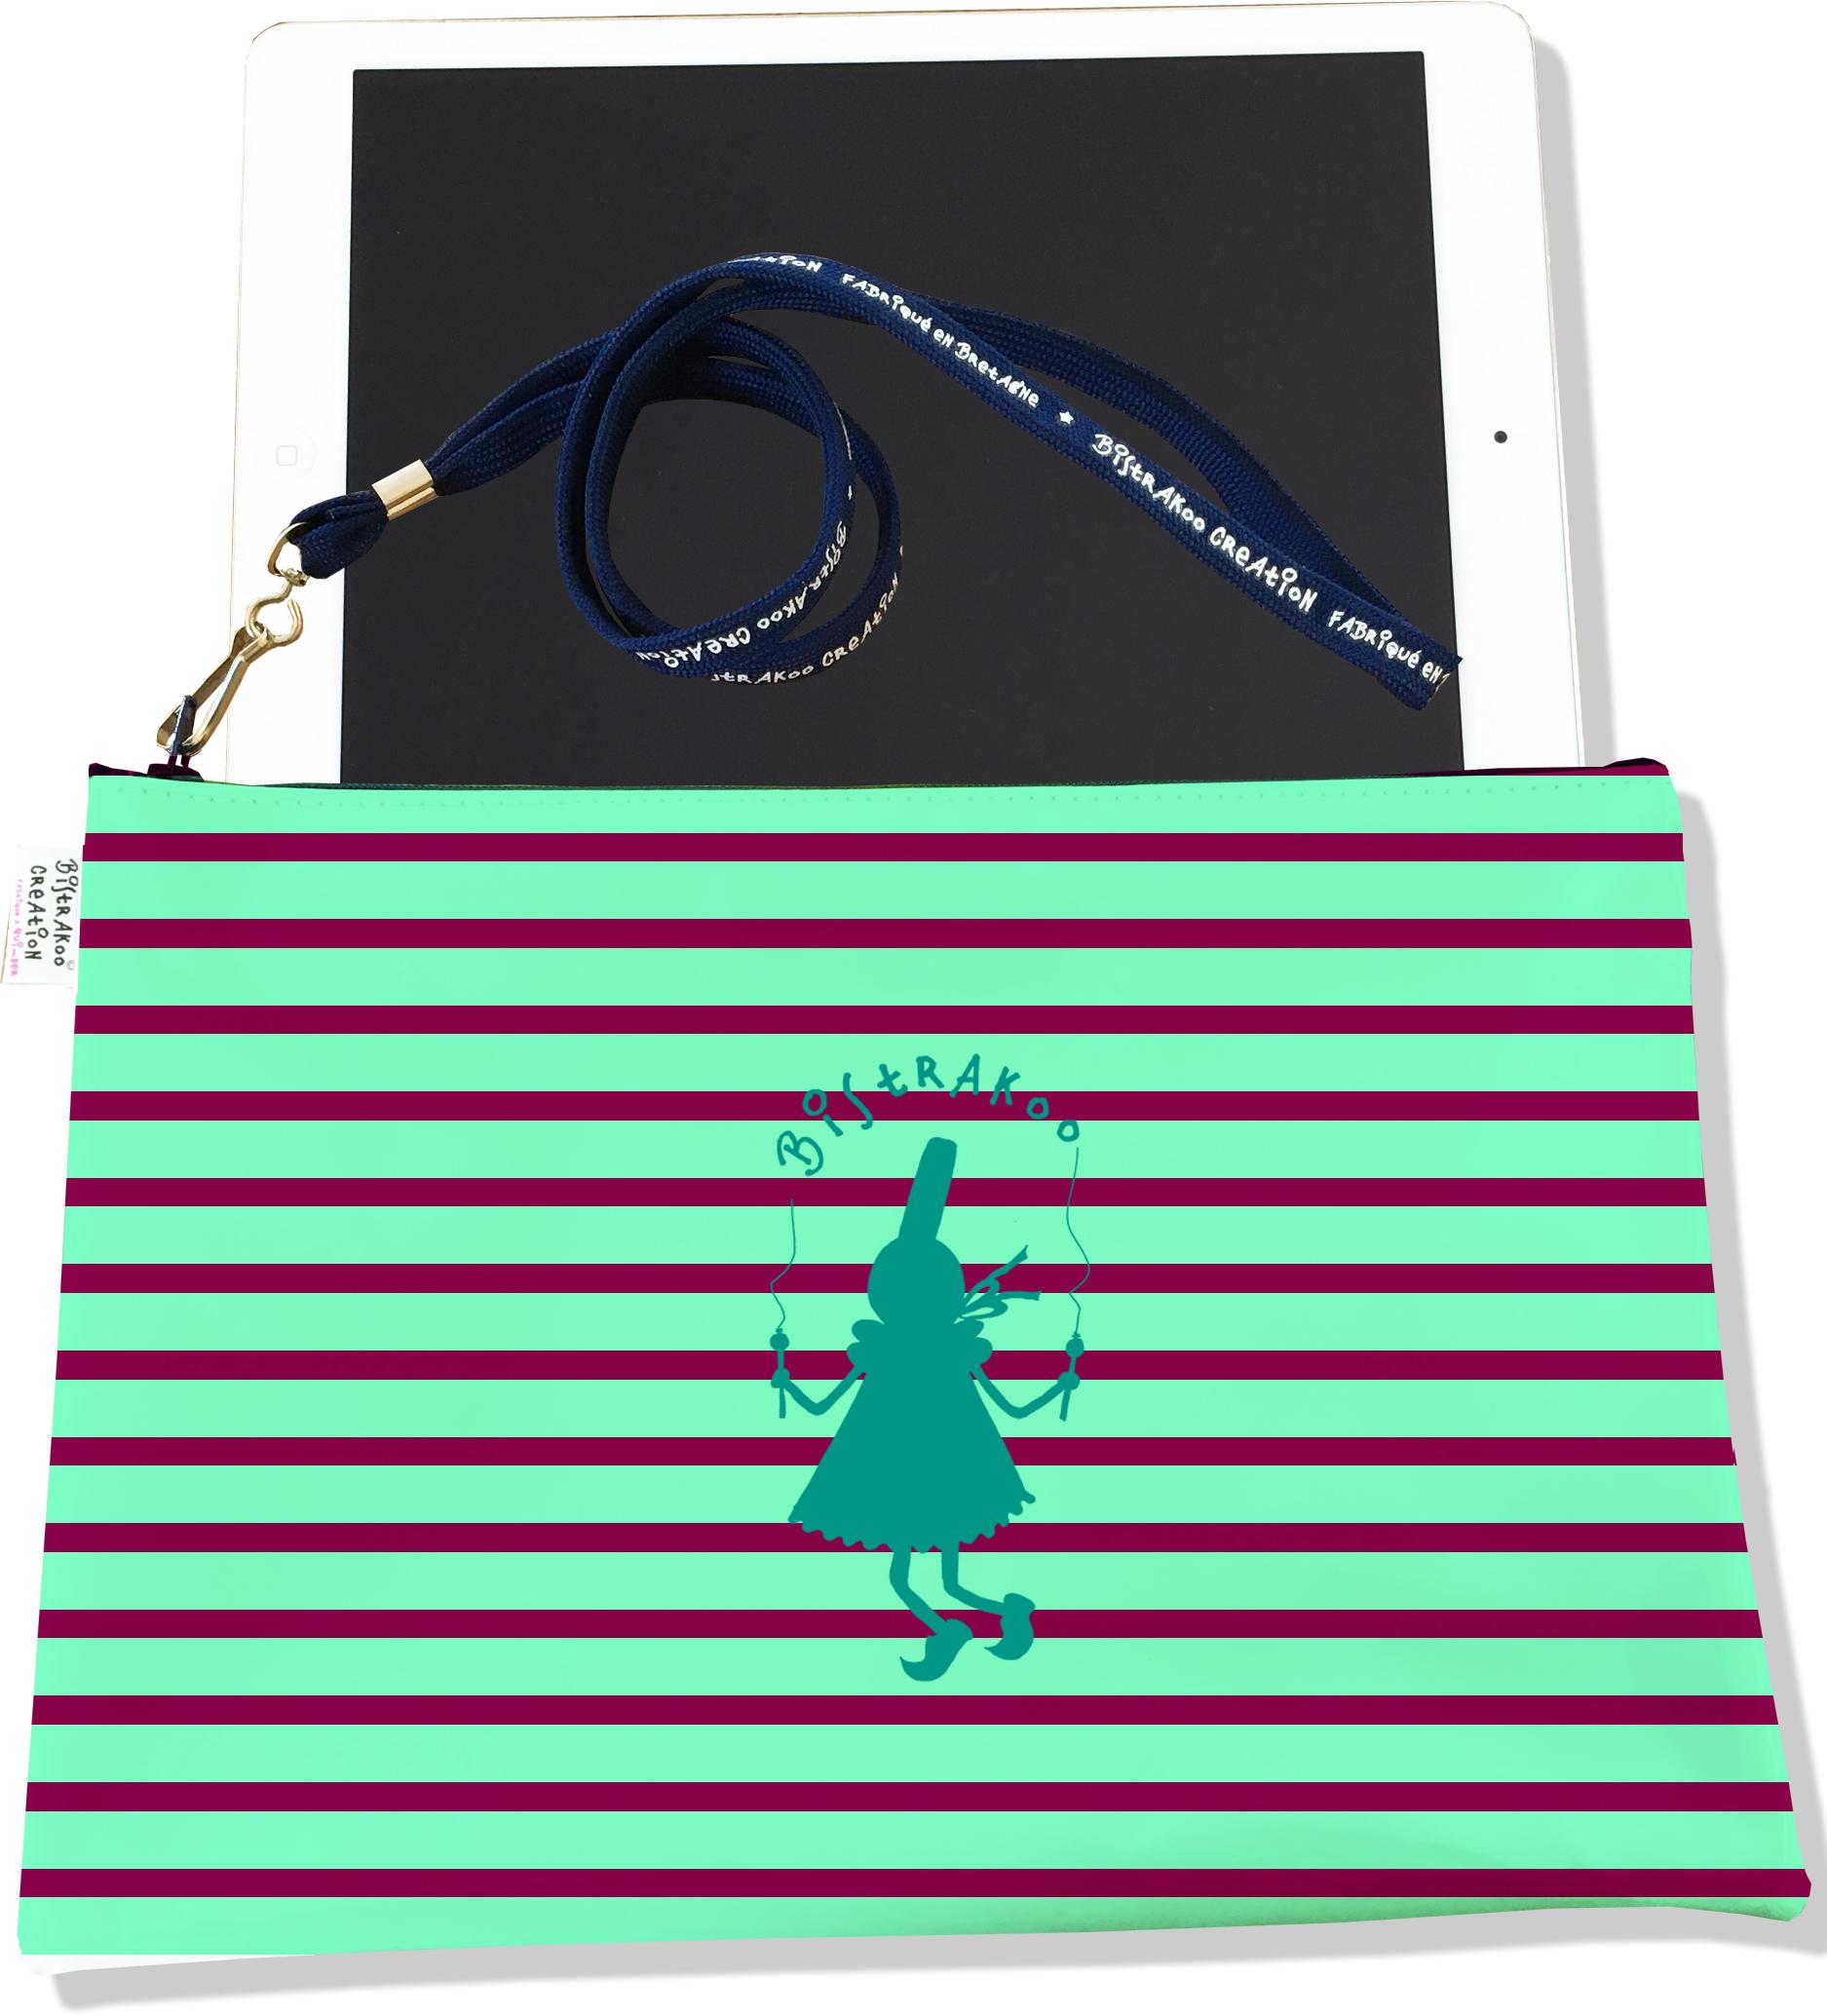 Housse pour tablette pour femme motif Marinière verte et marron Bigoudène Bistrakoo 2308-2015